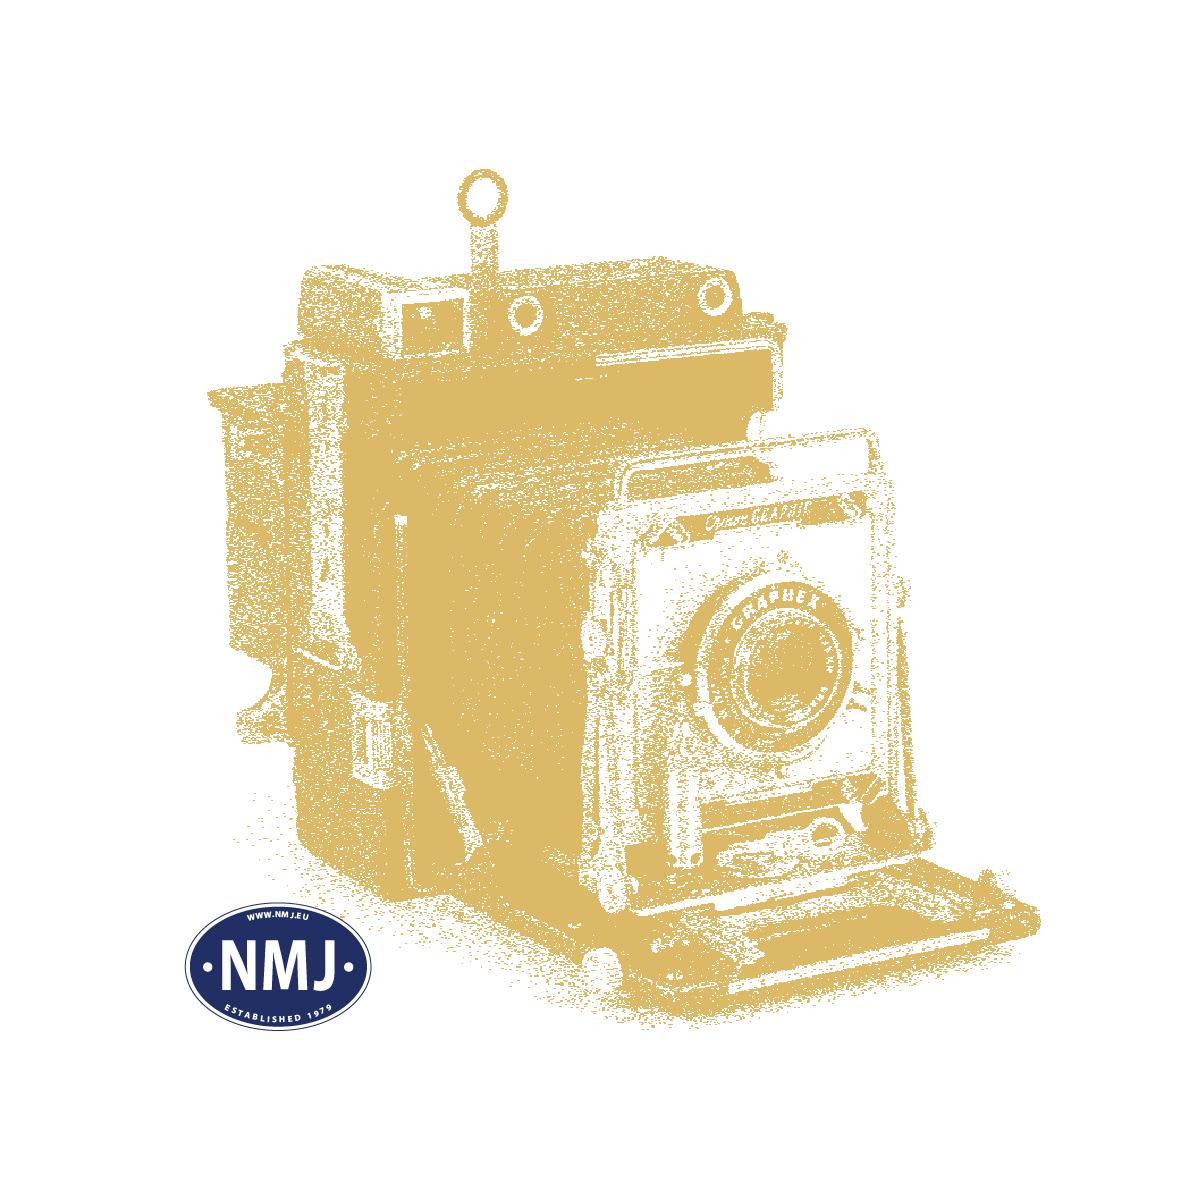 """NMJT136.303 - NMJ Topline NSB CB2 21228 """"Intercity Spesial m/ Blått Felt"""", Nydesign"""